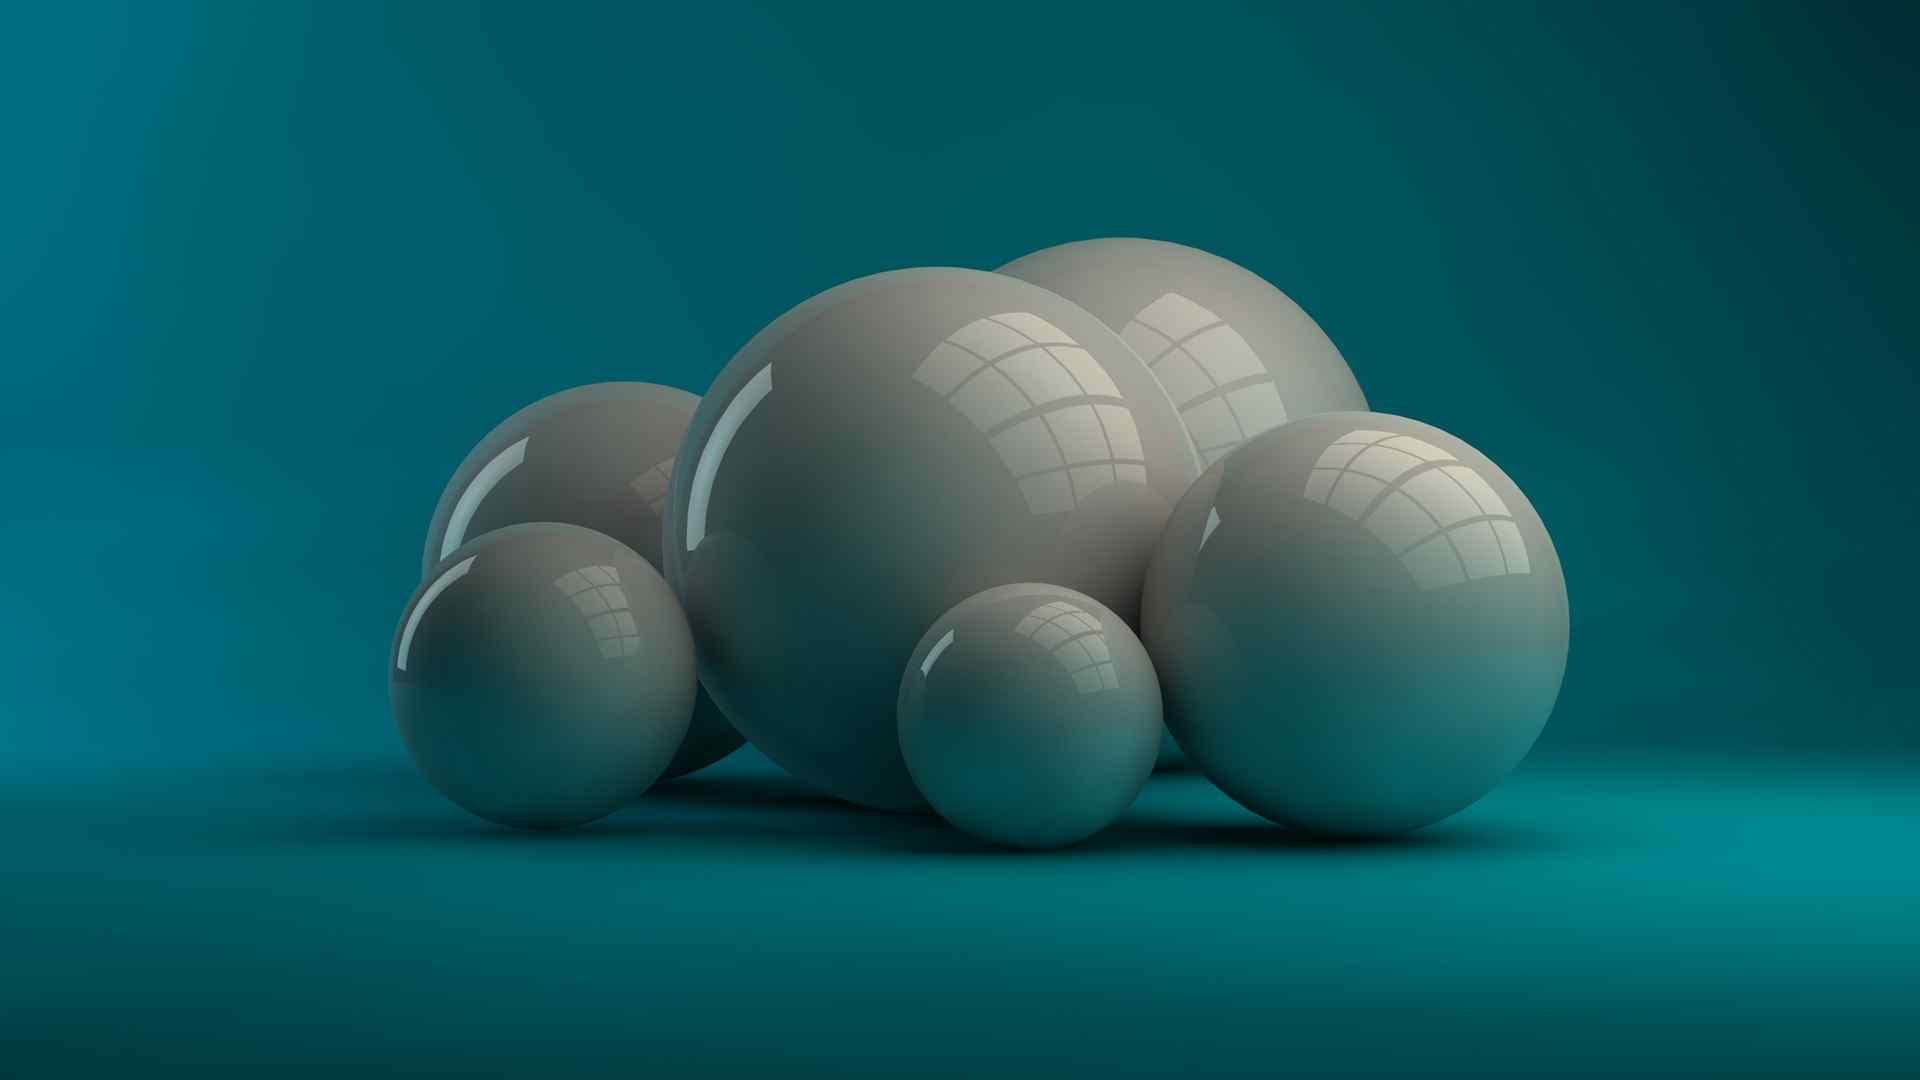 三维立体球高清壁纸